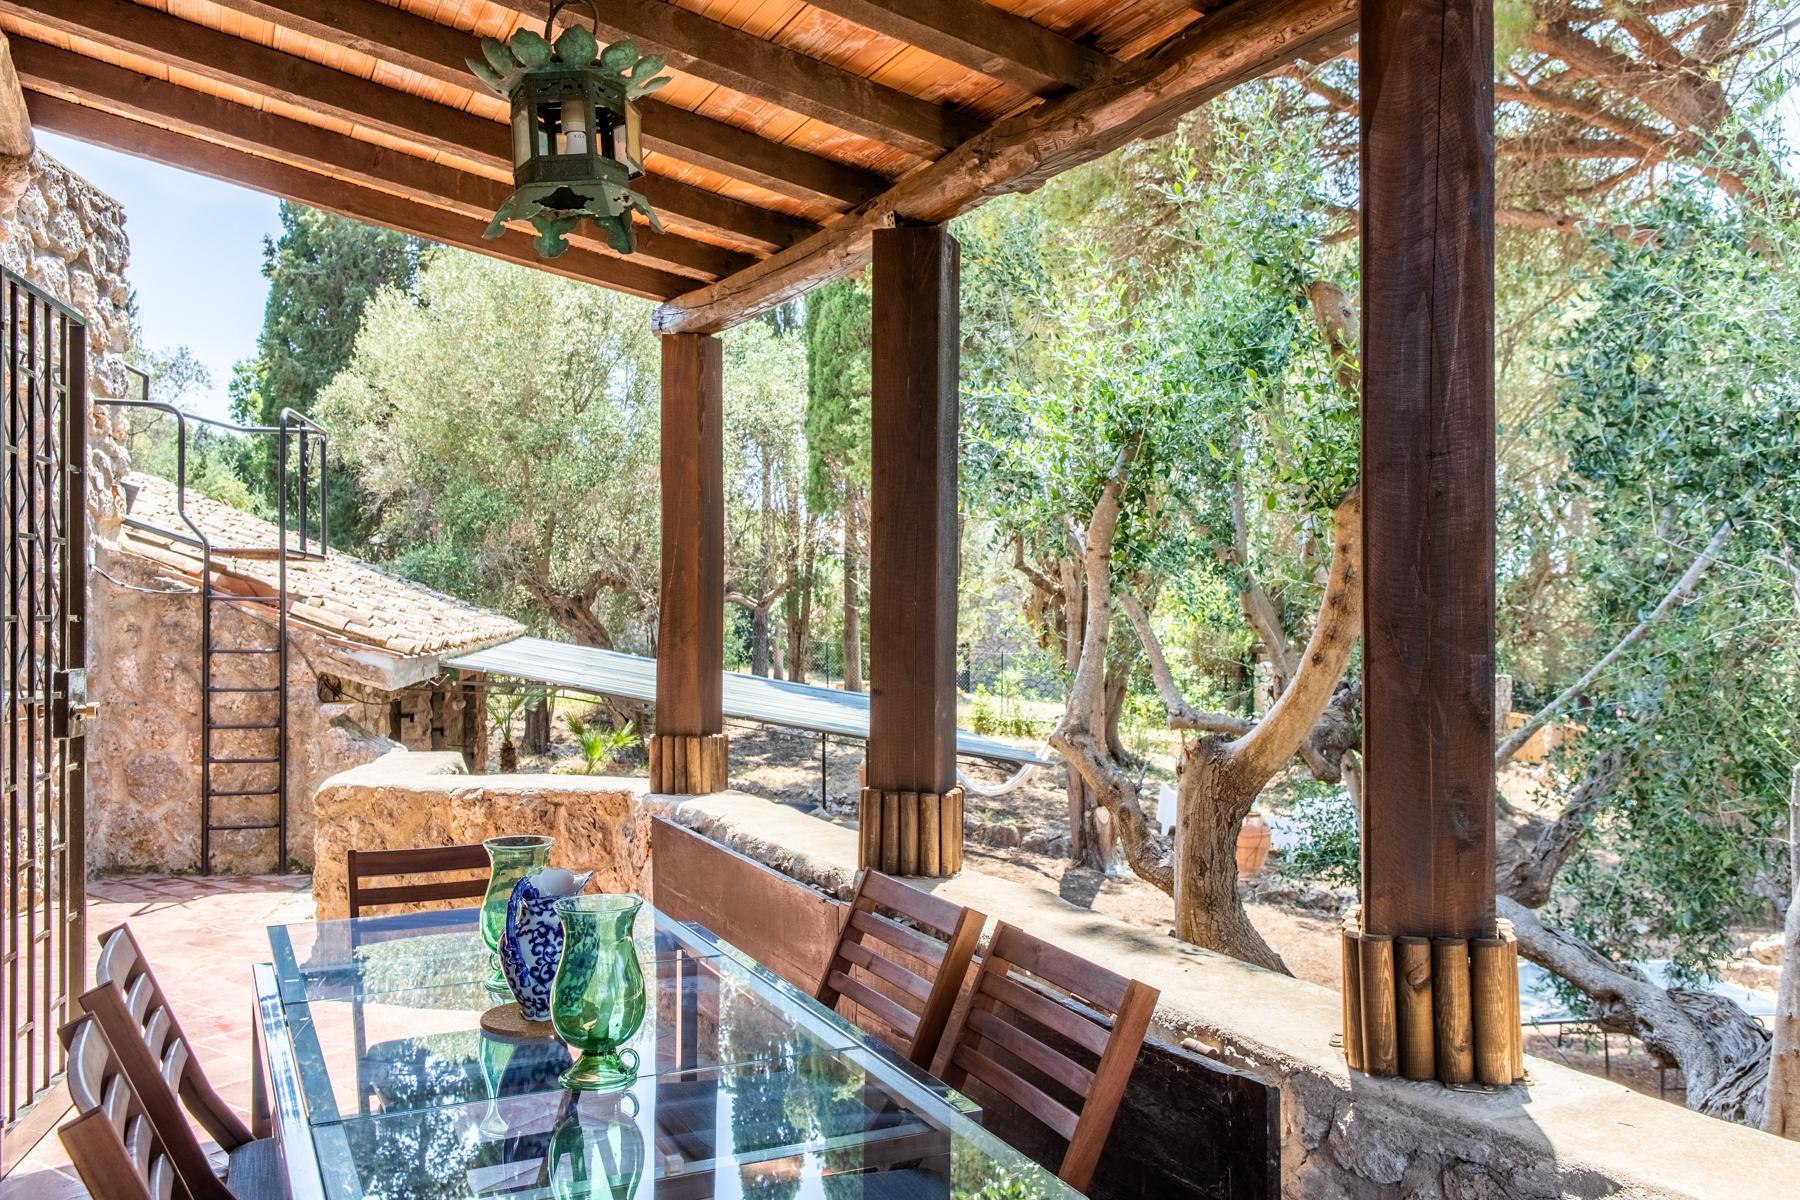 Wundeschöne Villa aus Stein in einzigartiger Umgebung - 7